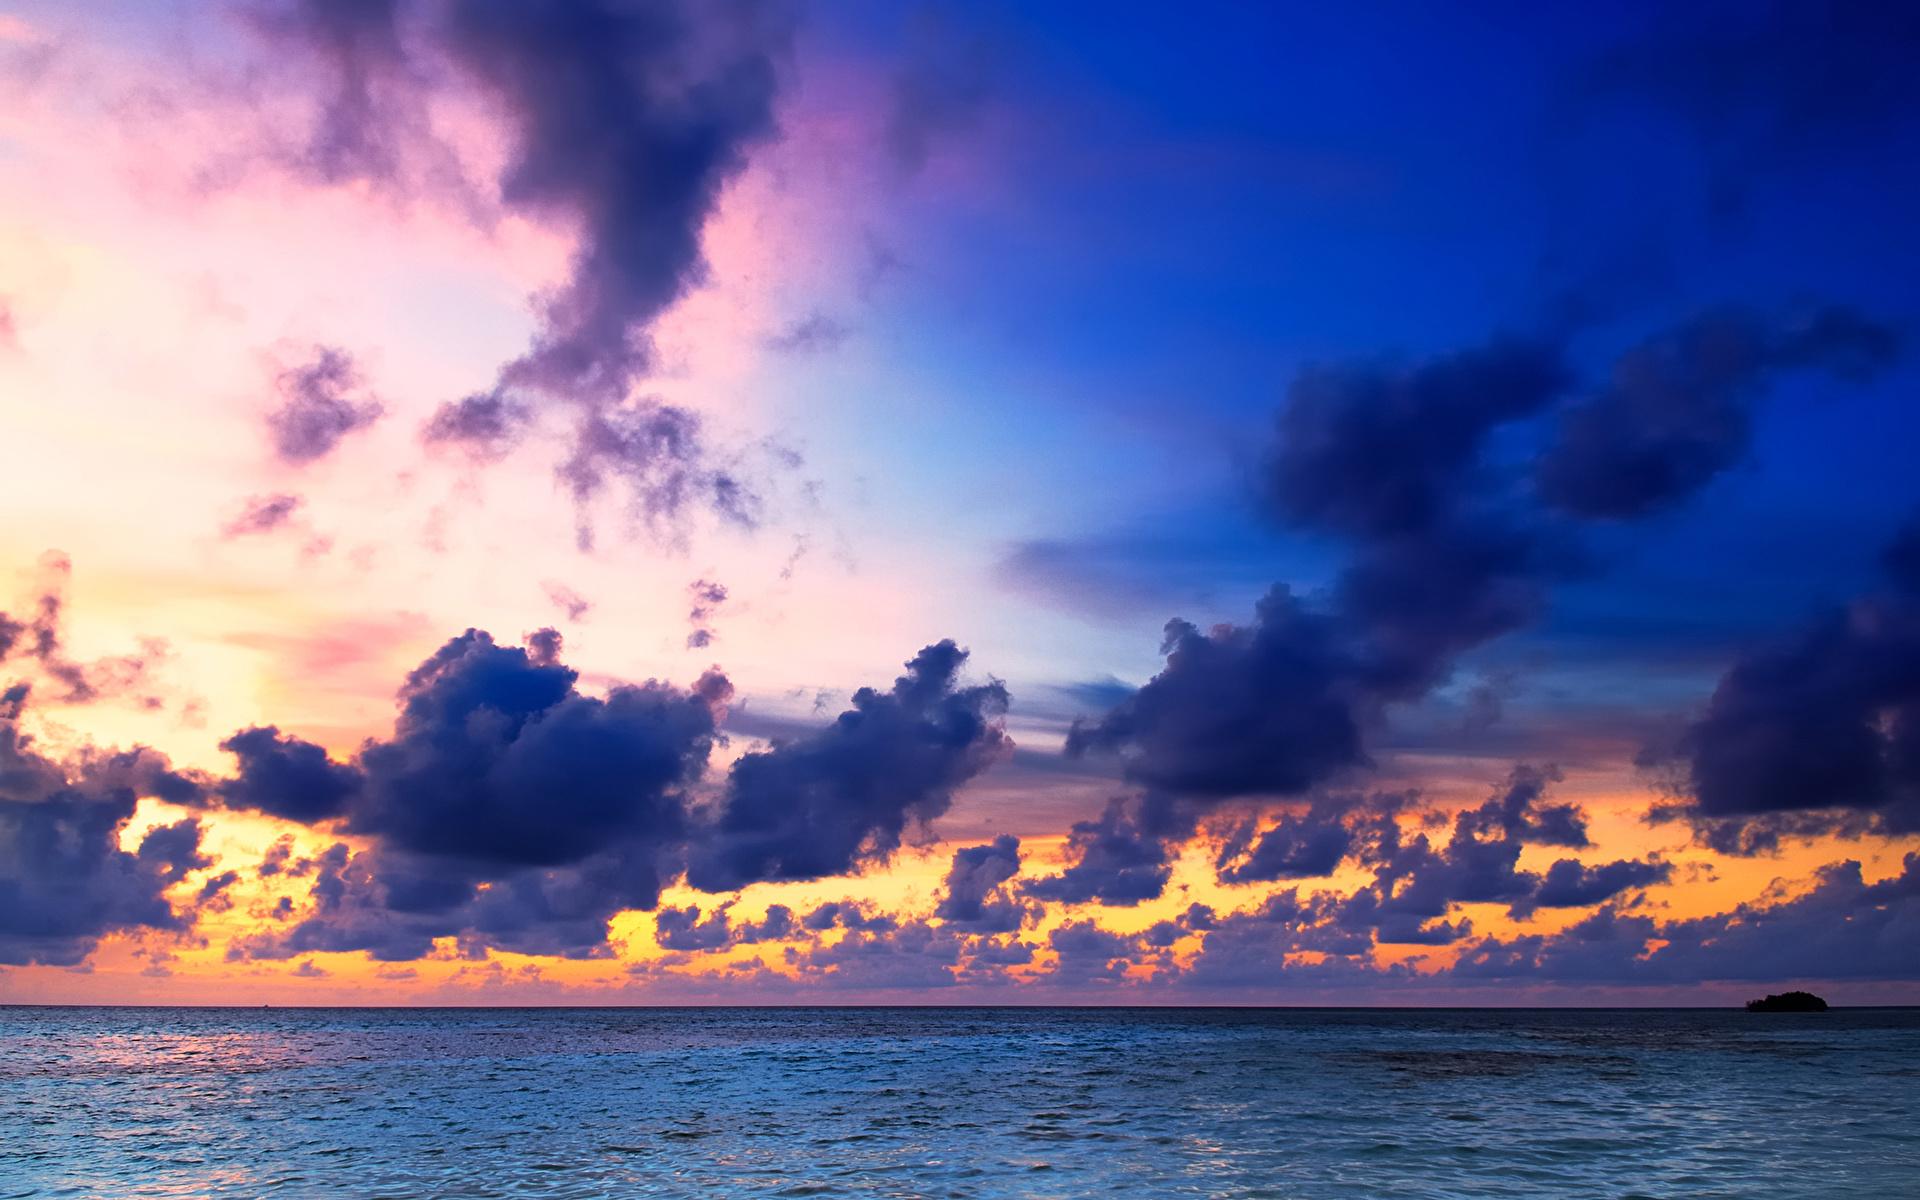 壁紙 19x10 モルディブ 熱帯 海 朝焼けと日没 空 雲 自然 ダウンロード 写真